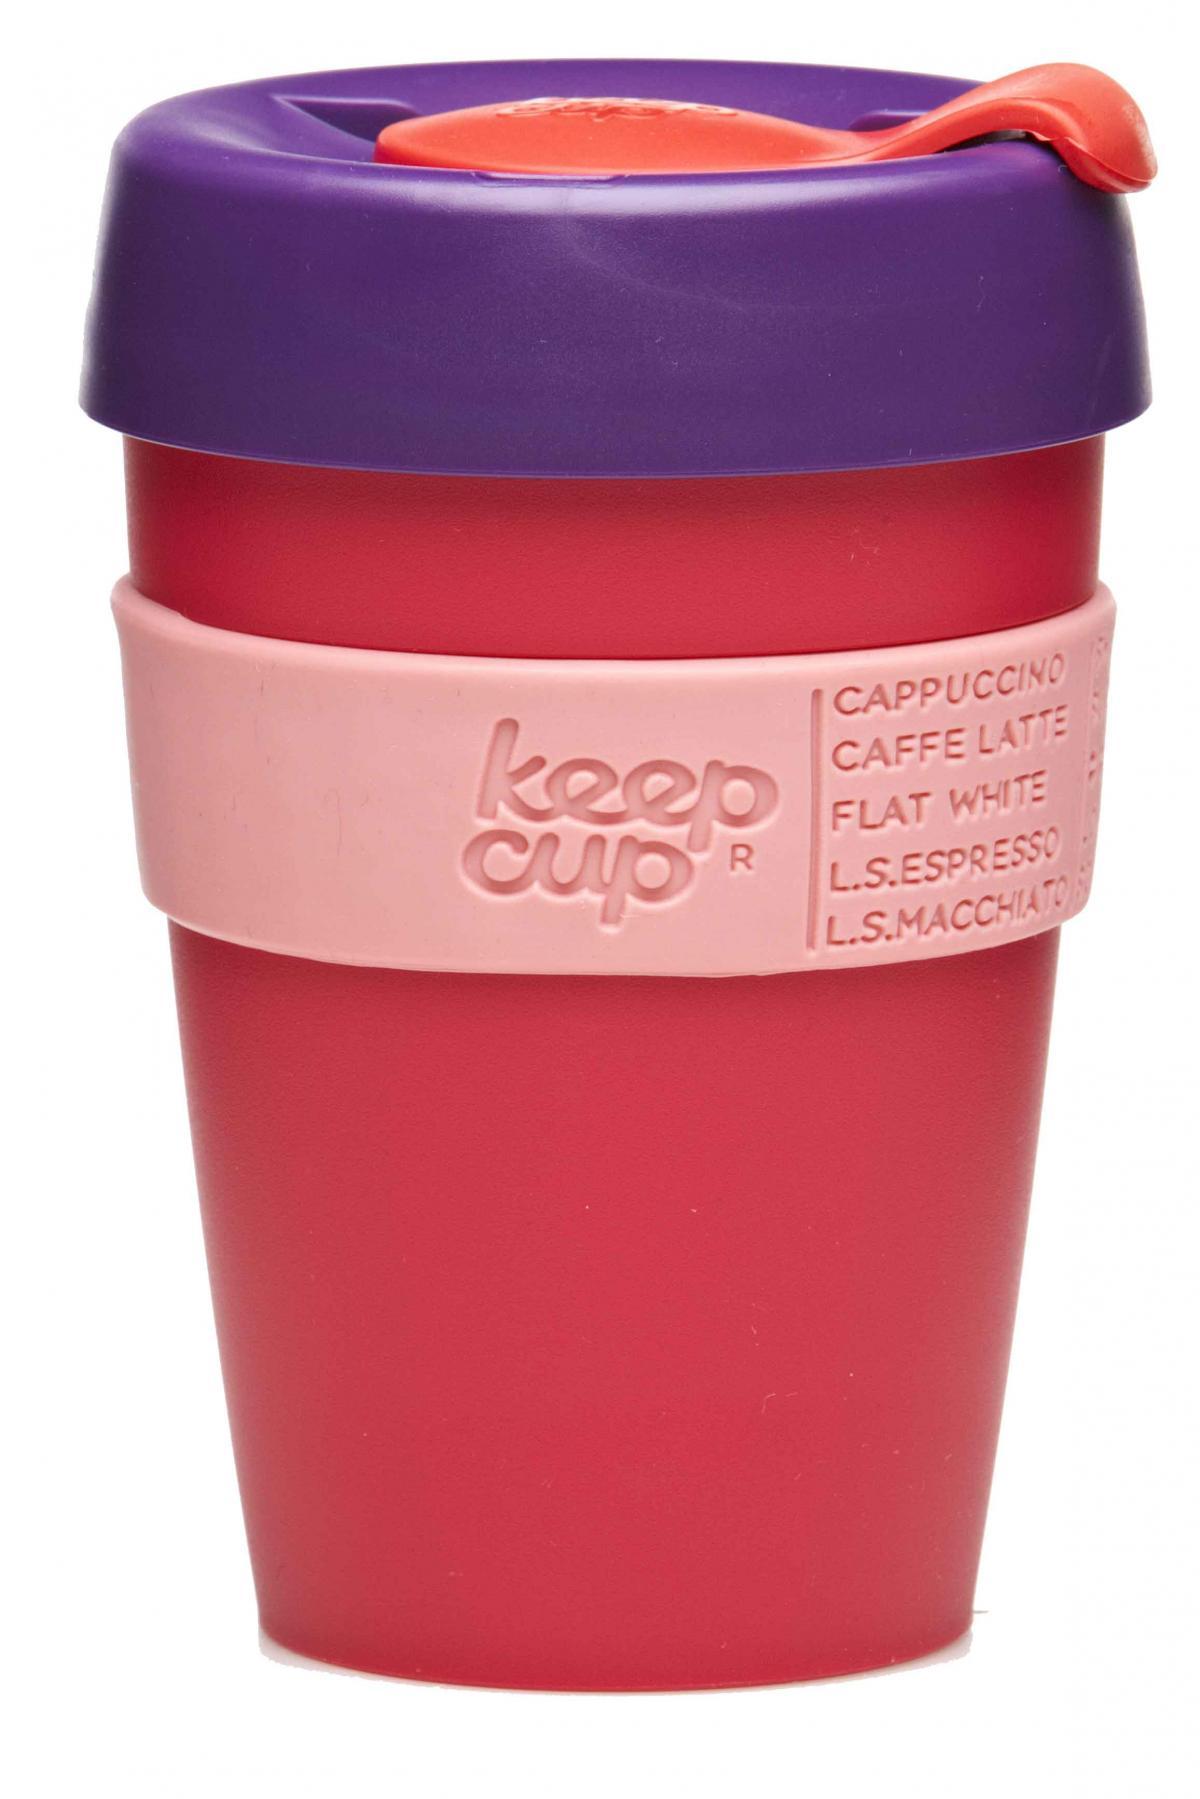 Kubek termiczny KEEP CUP, domodi.pl, 47.99 zł